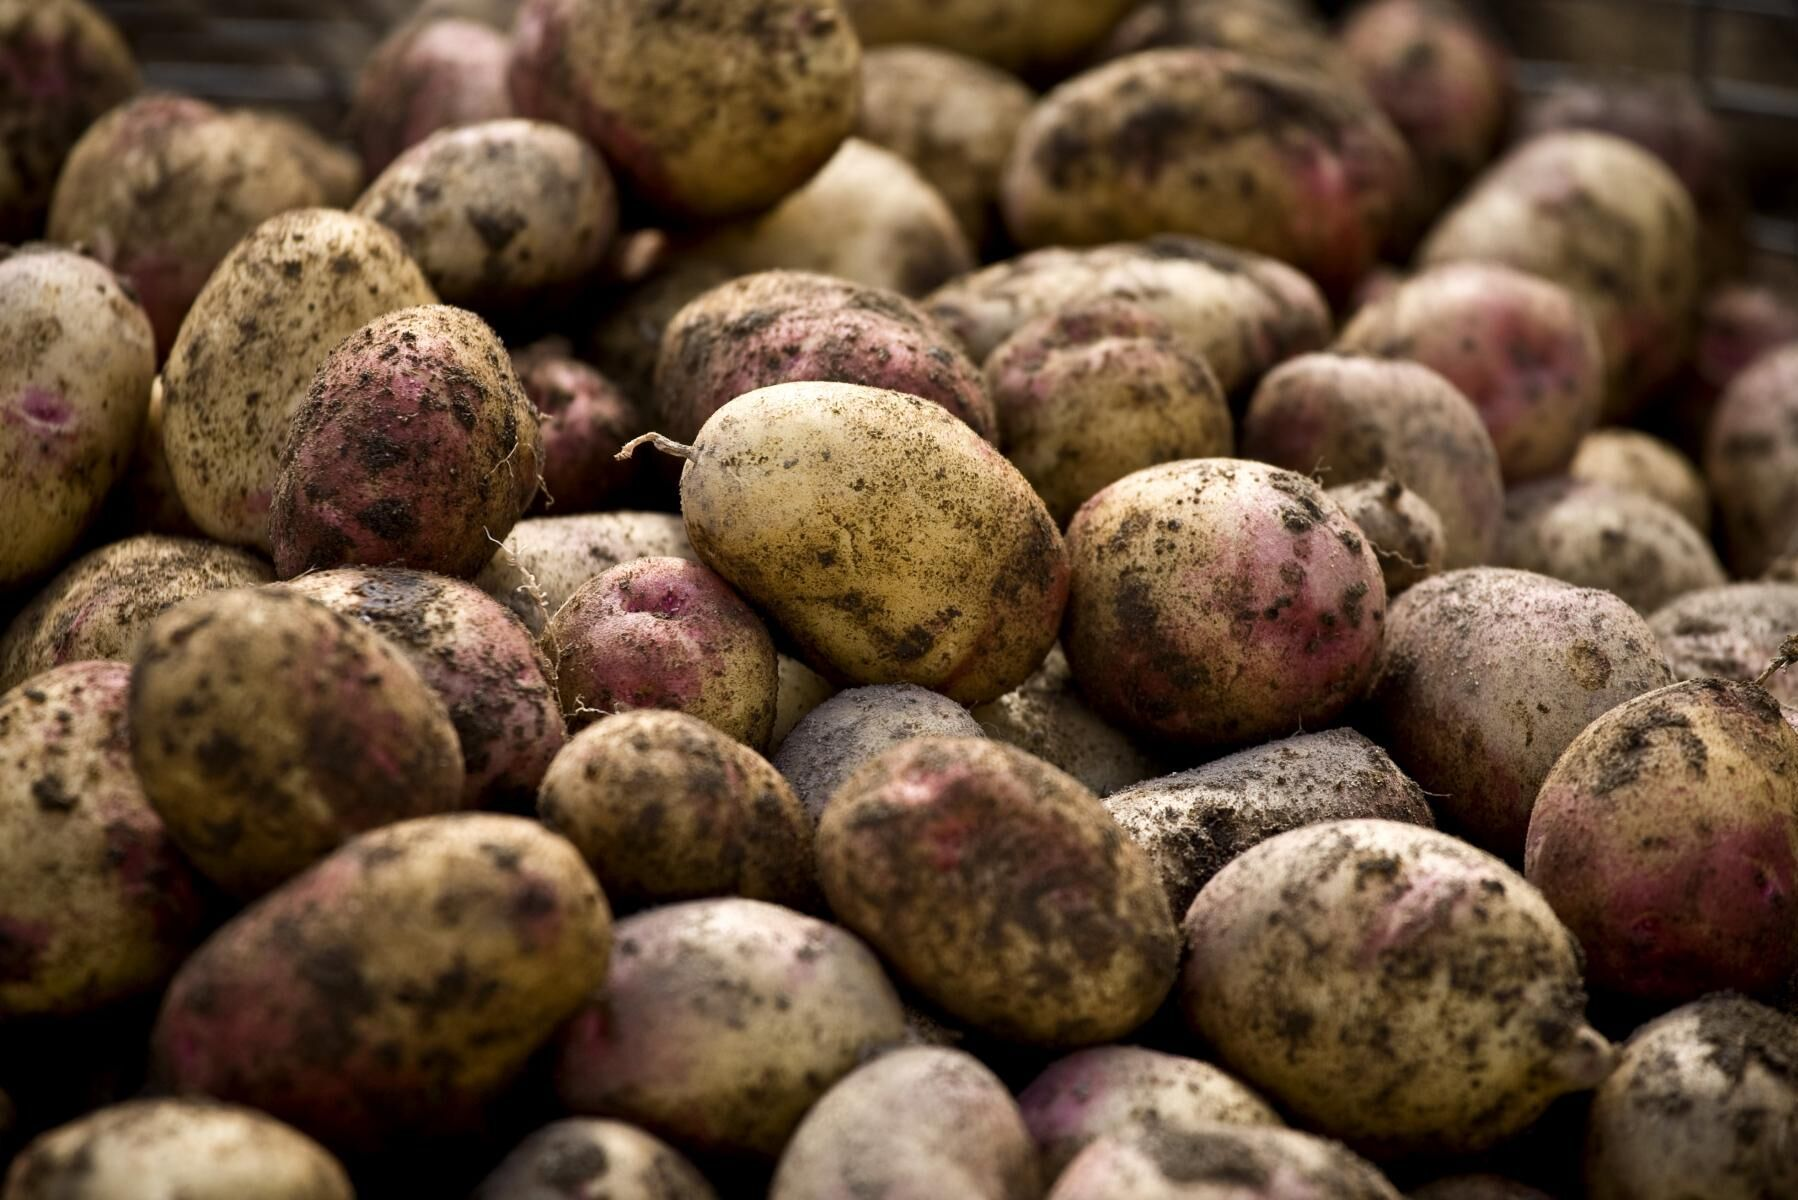 2019 var grönkålen mest populär enligt undersökningen, men i år verkar potatisen vara mer på folks läppar.